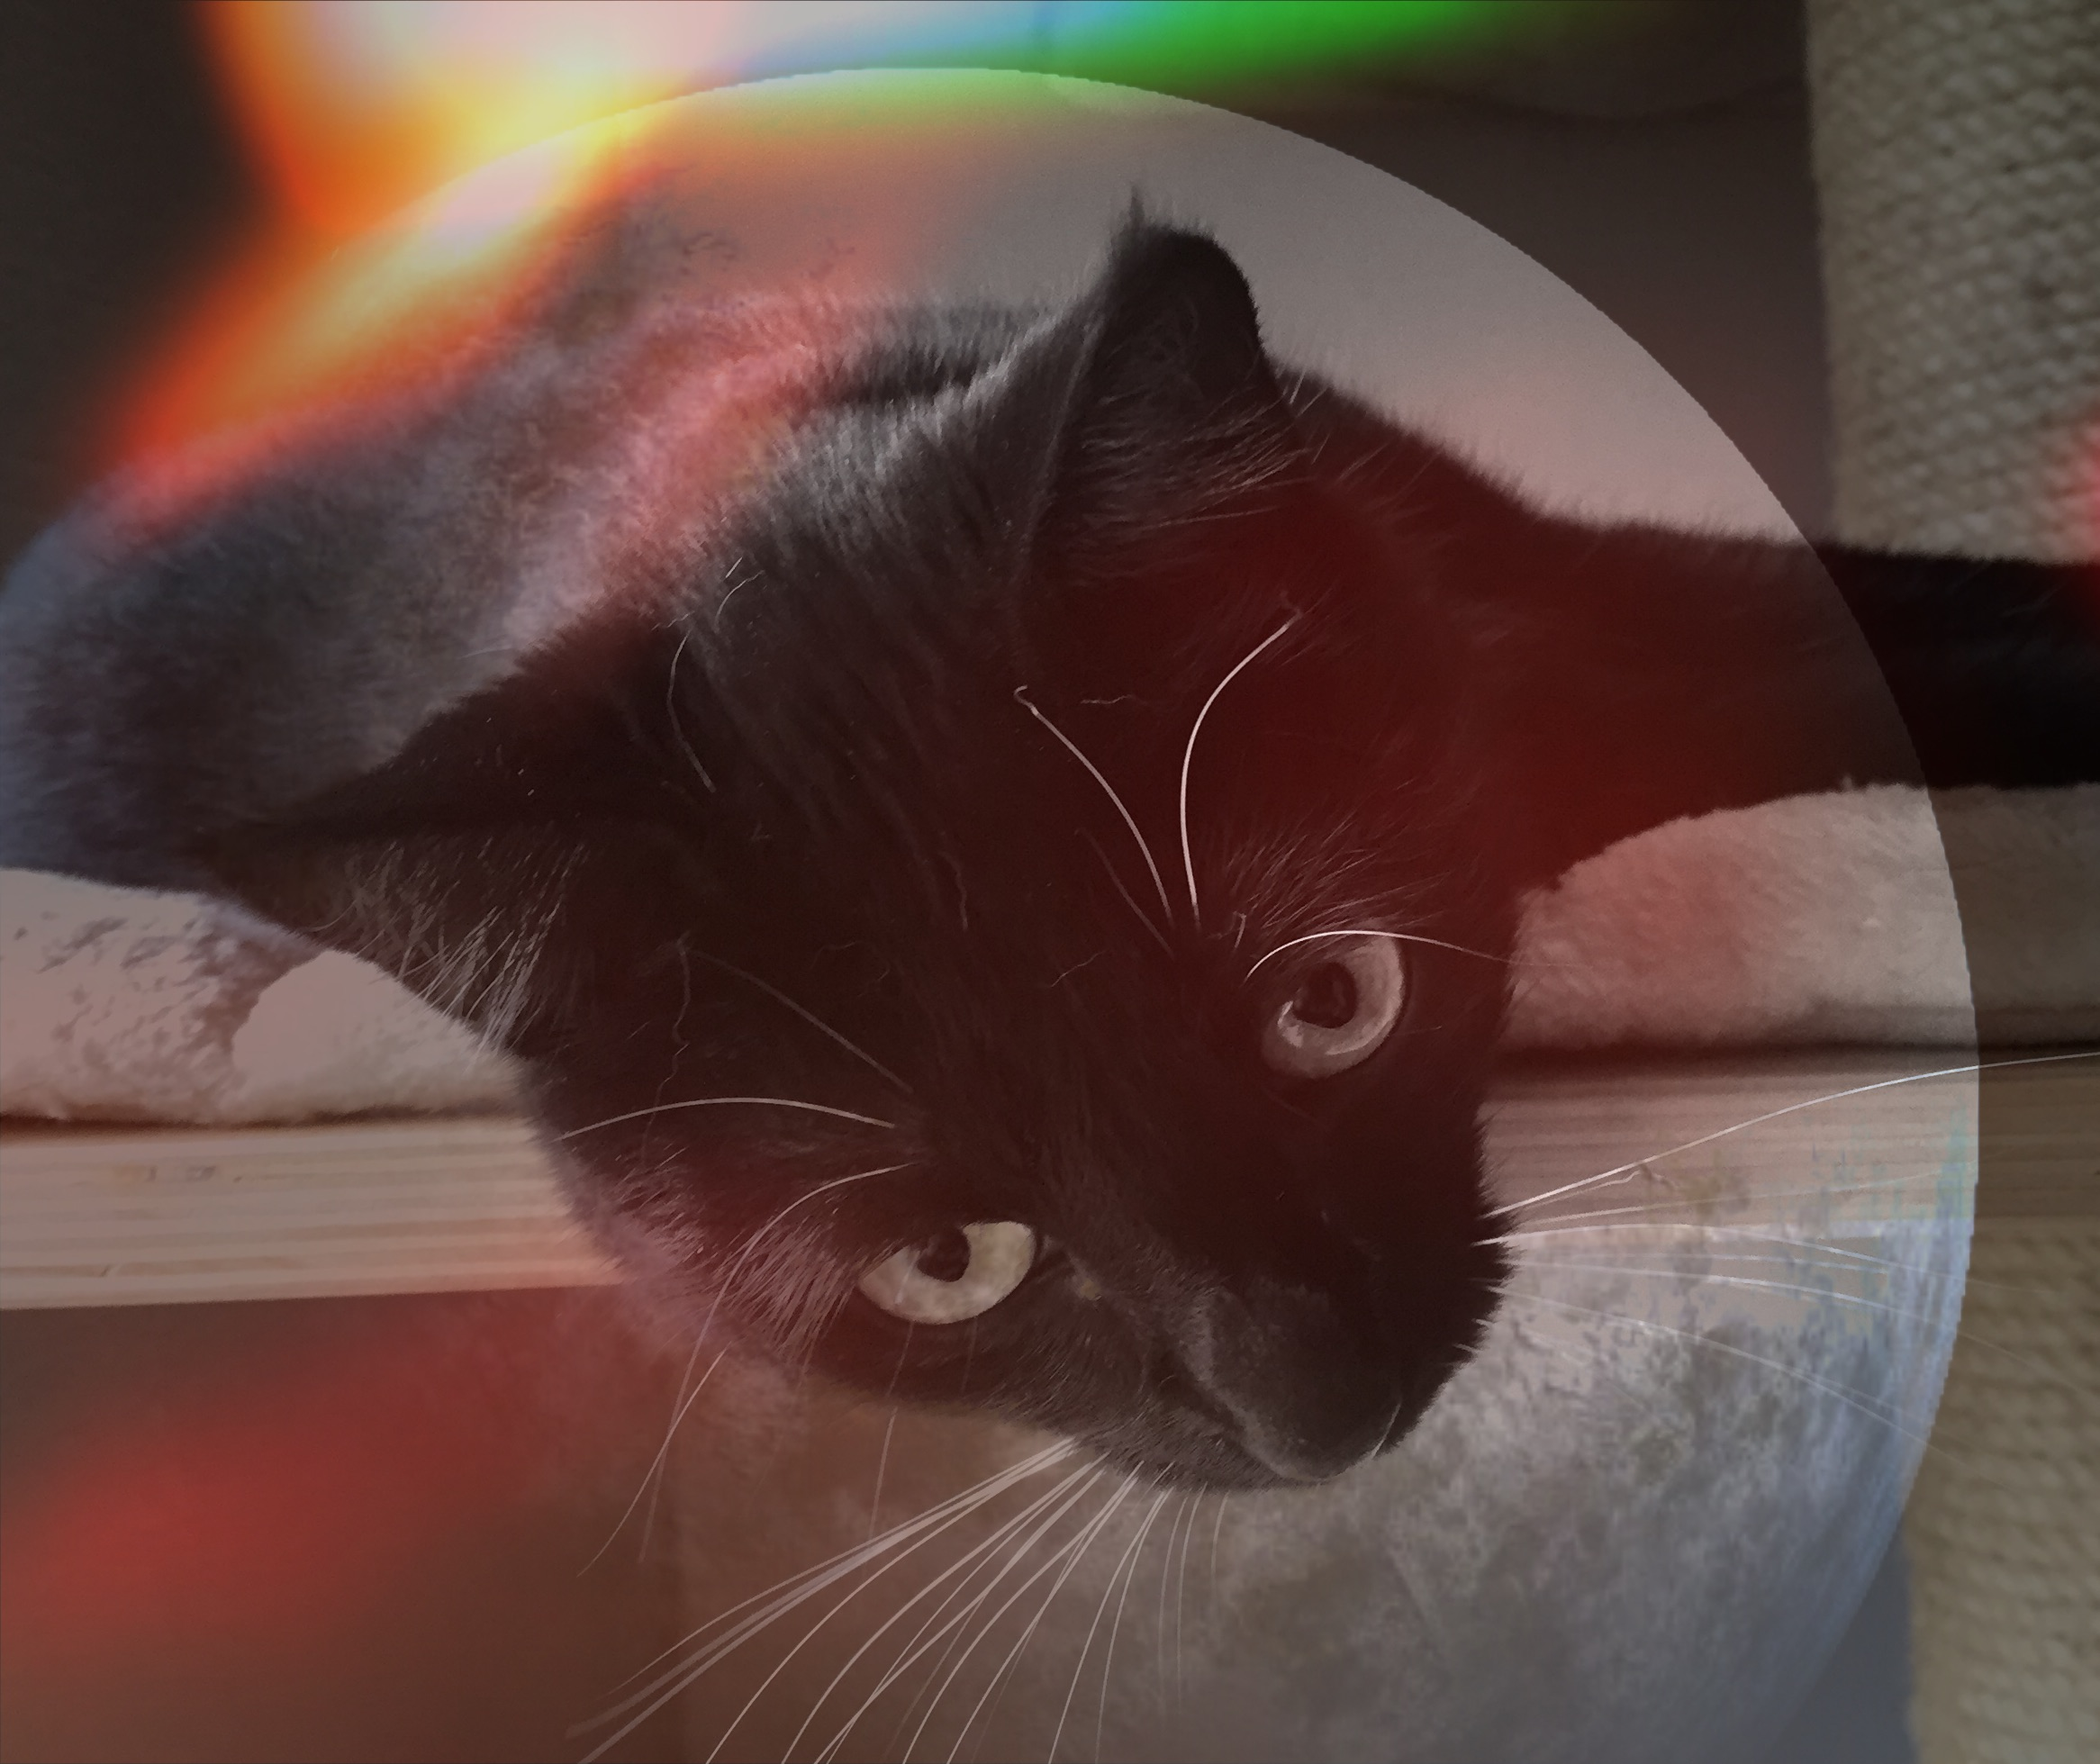 Kiopf einer schwarzen Katze, liegt auf der Sitzfläche eines Kratzbaumes